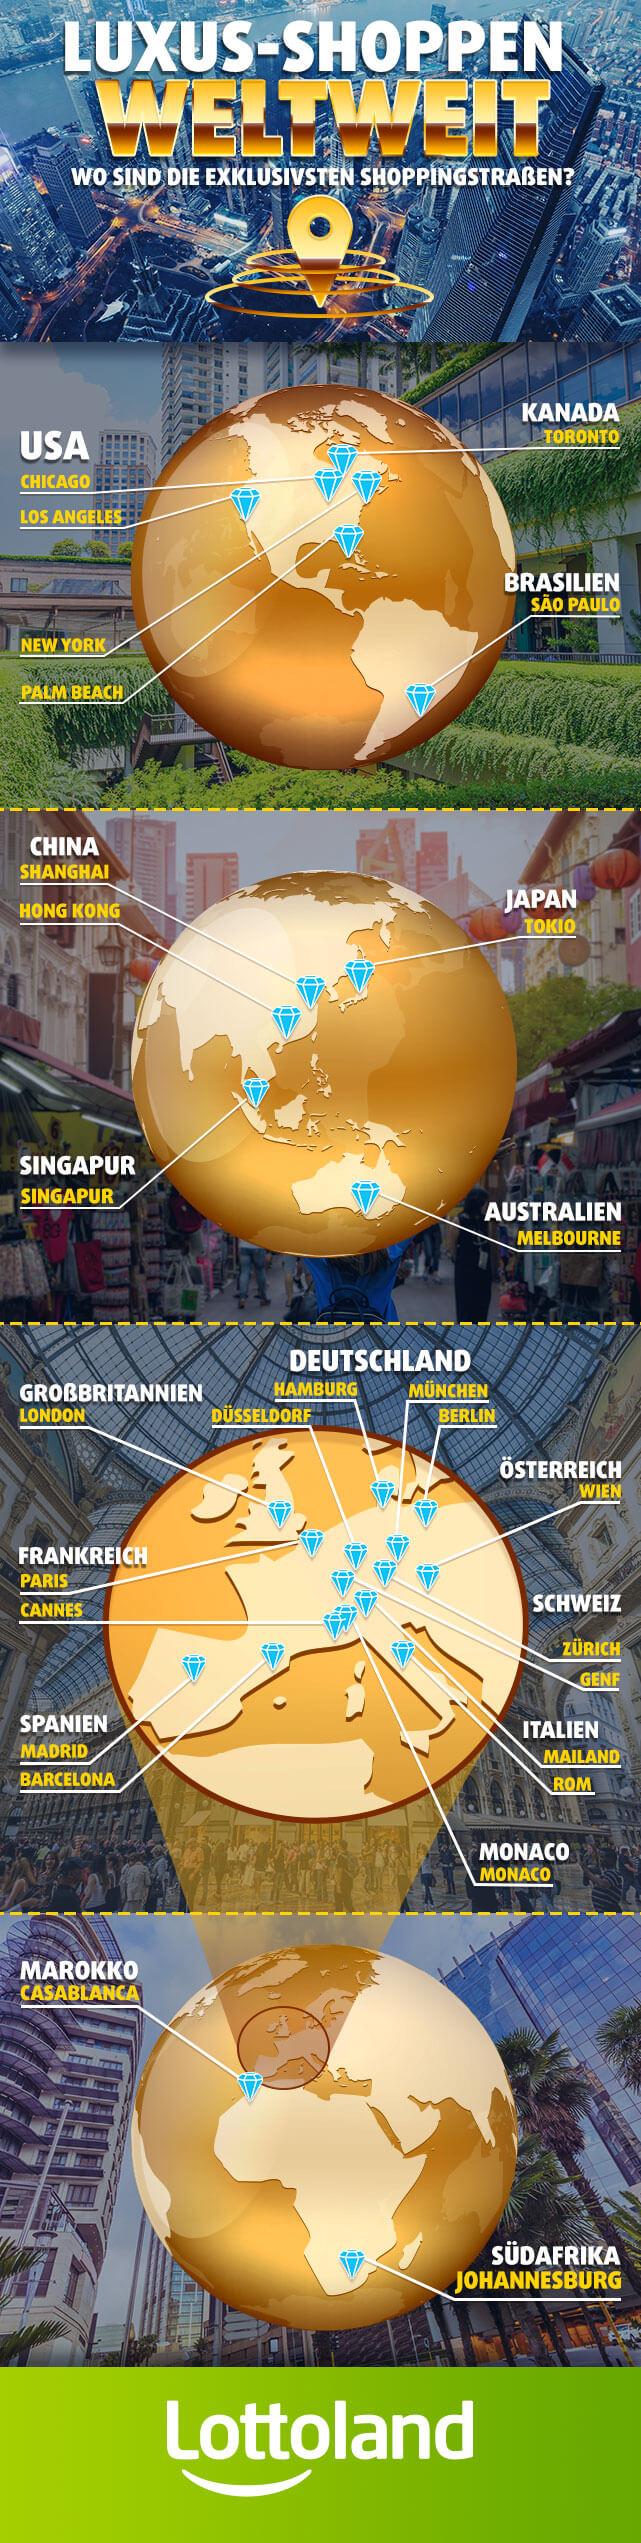 Luxus-Shoppen weltweit - Wo sind die exklusivsten Shoppingstraßen?